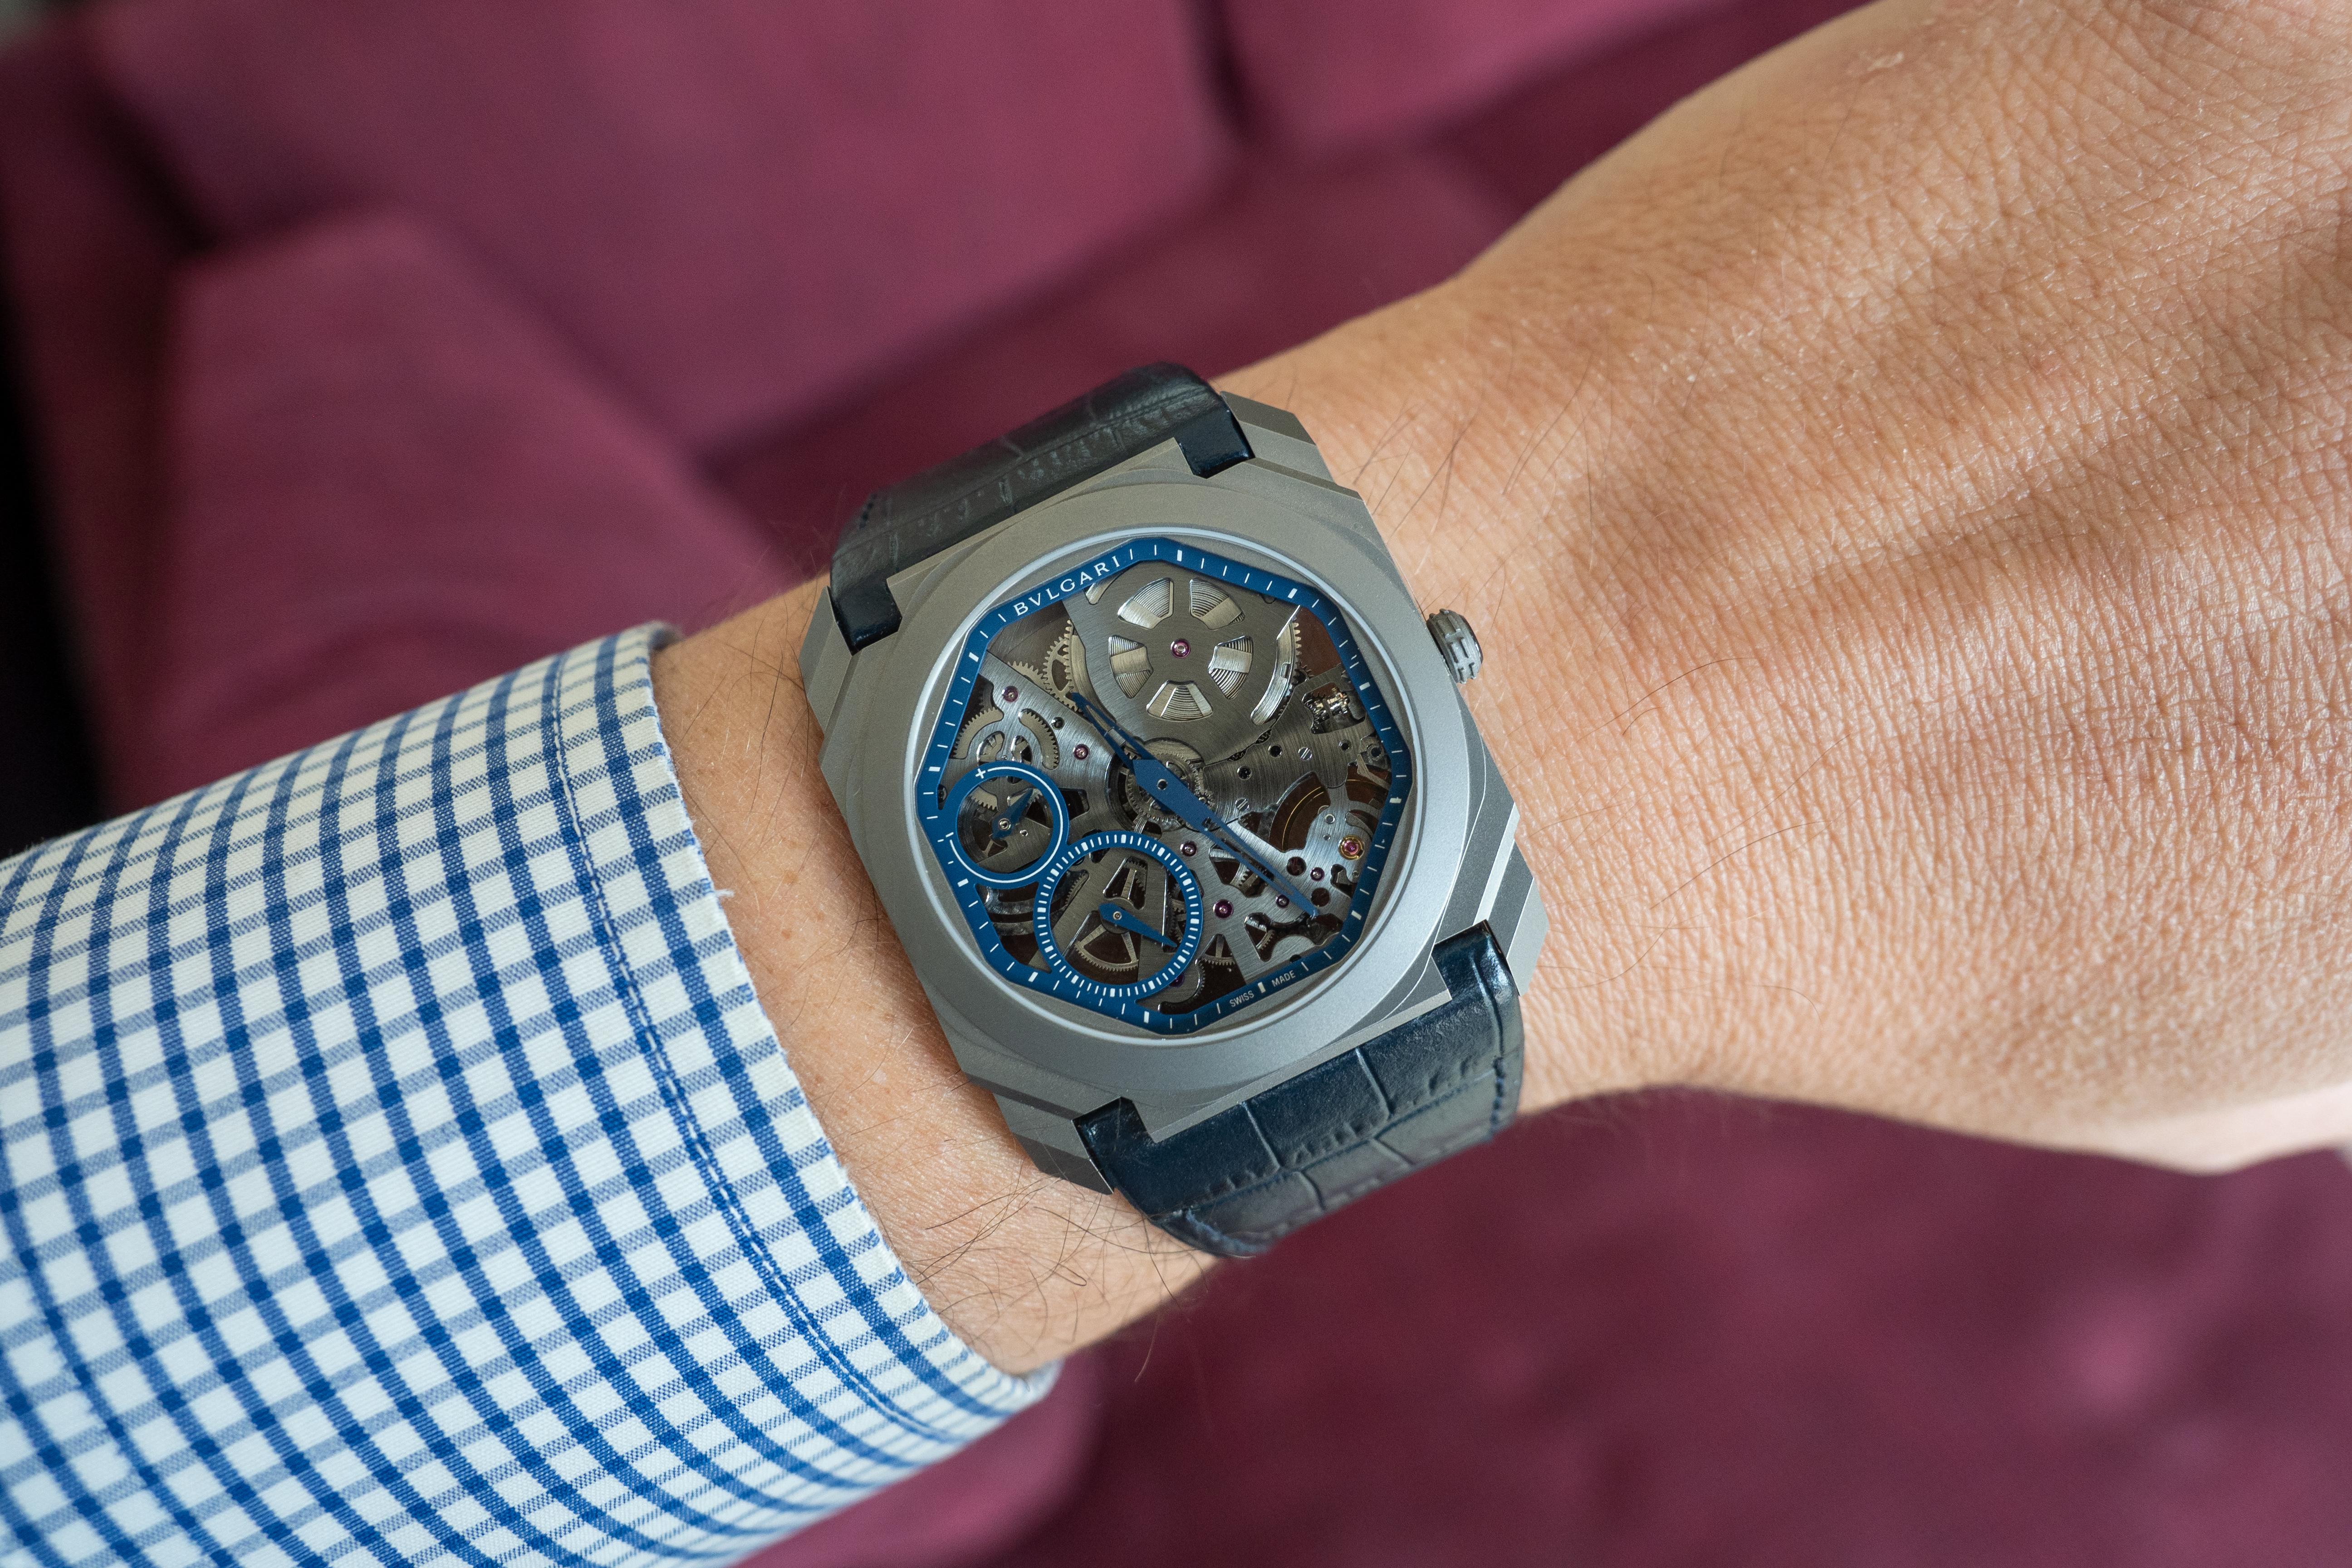 BVLGARI-octo-finissimo-skelton-power-reserve-on-wrist